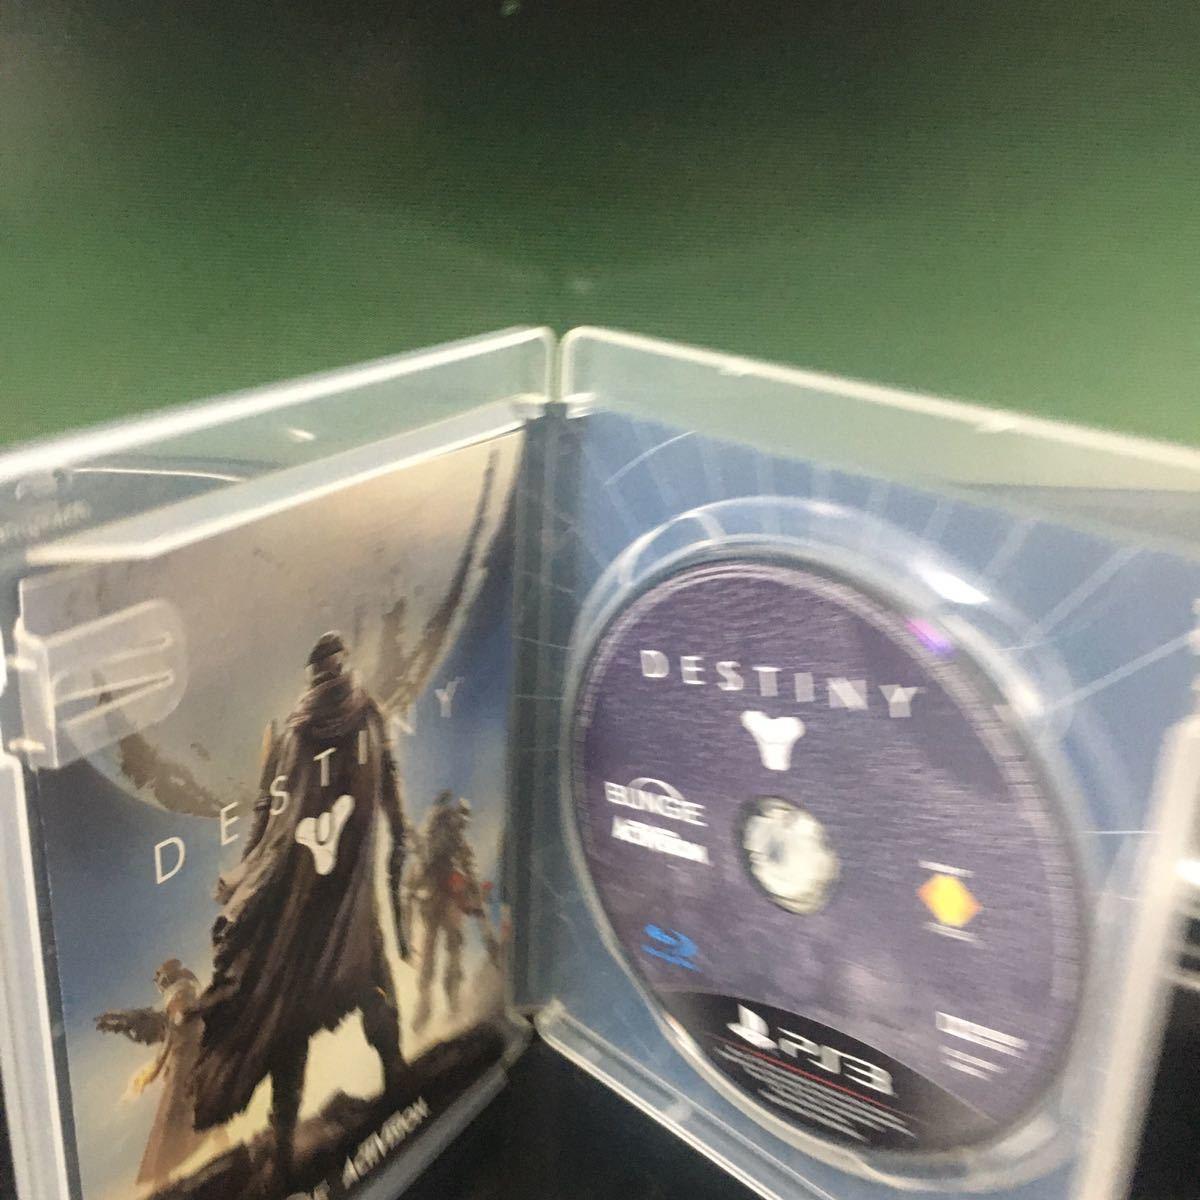 Destiny デスティニー PS3 オンライン専用